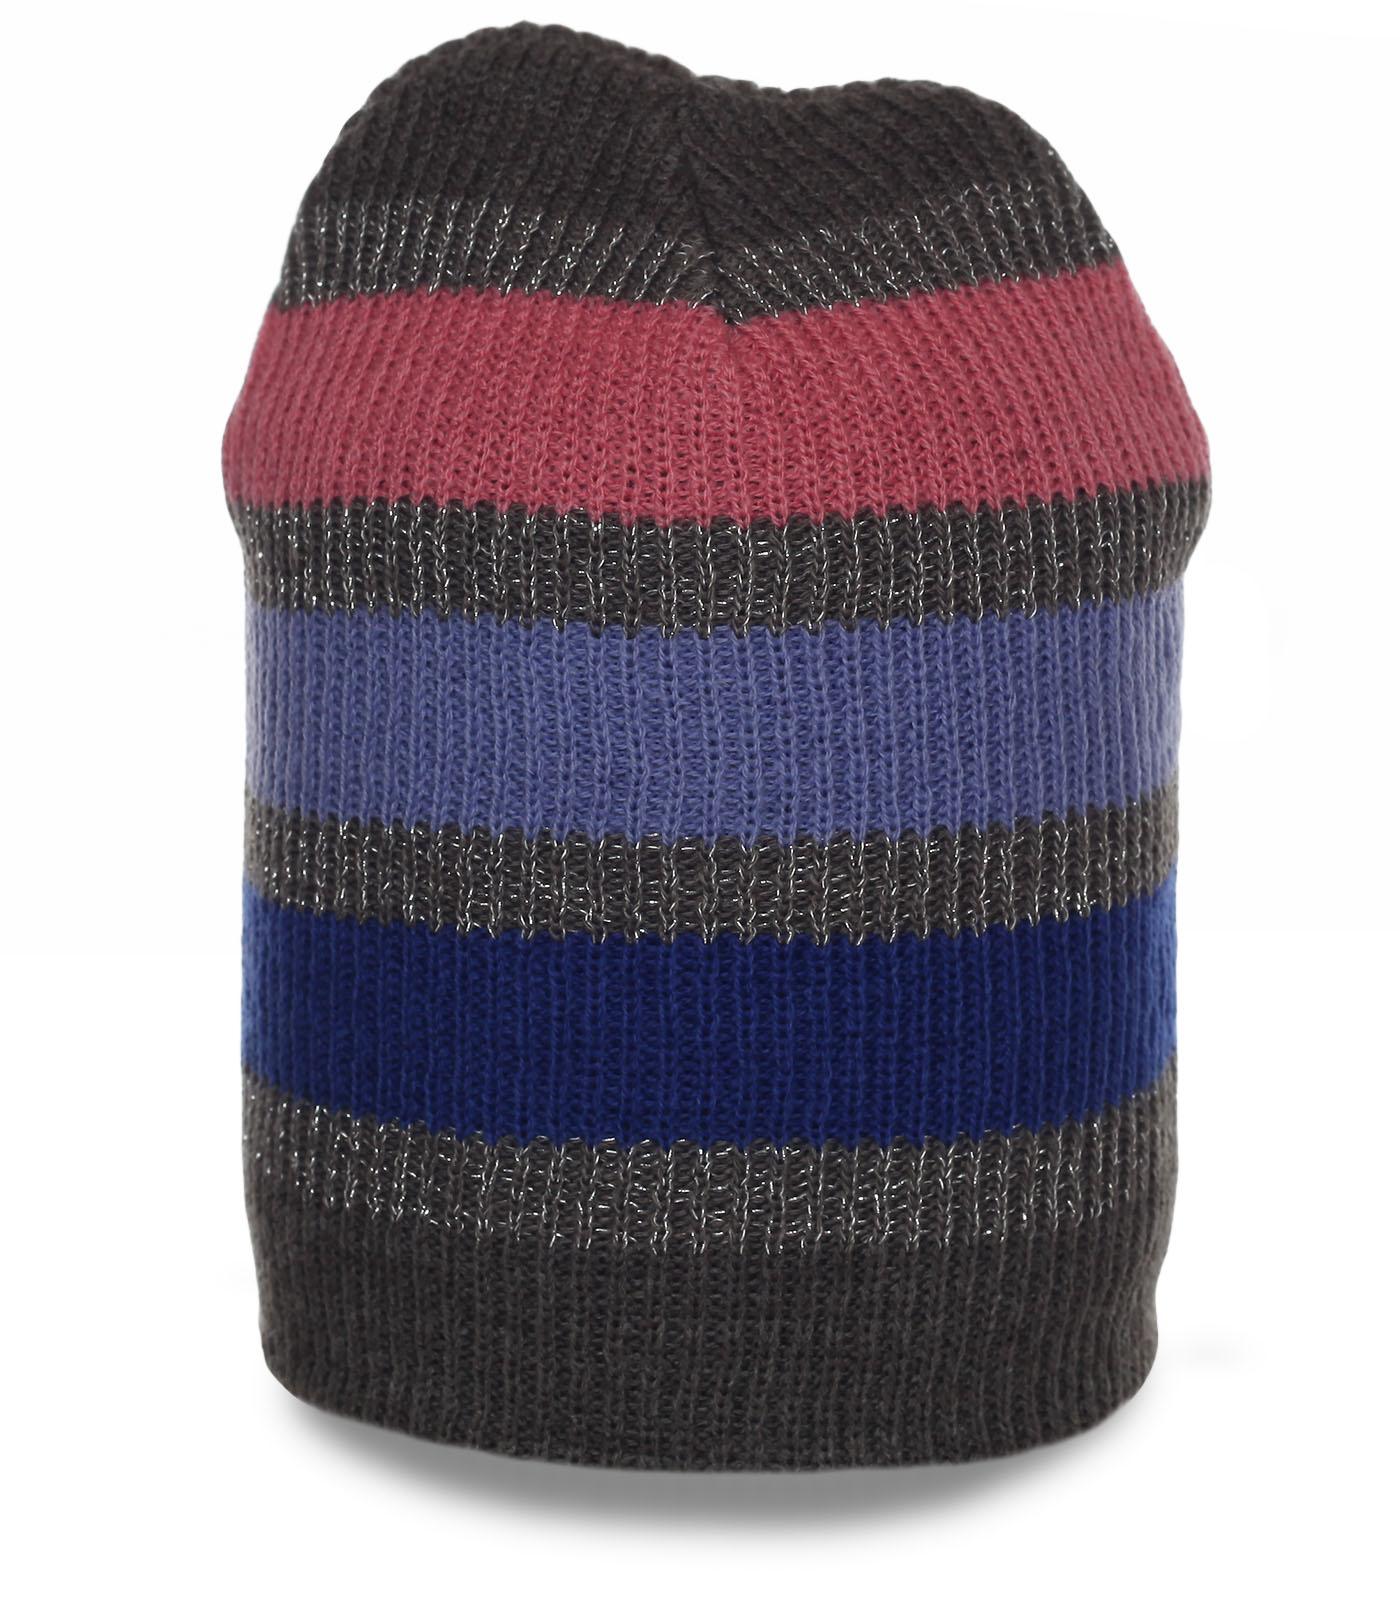 Молодежная шапка модного дизайна. Теплый головной убор для холодного периода. Эксклюзив!